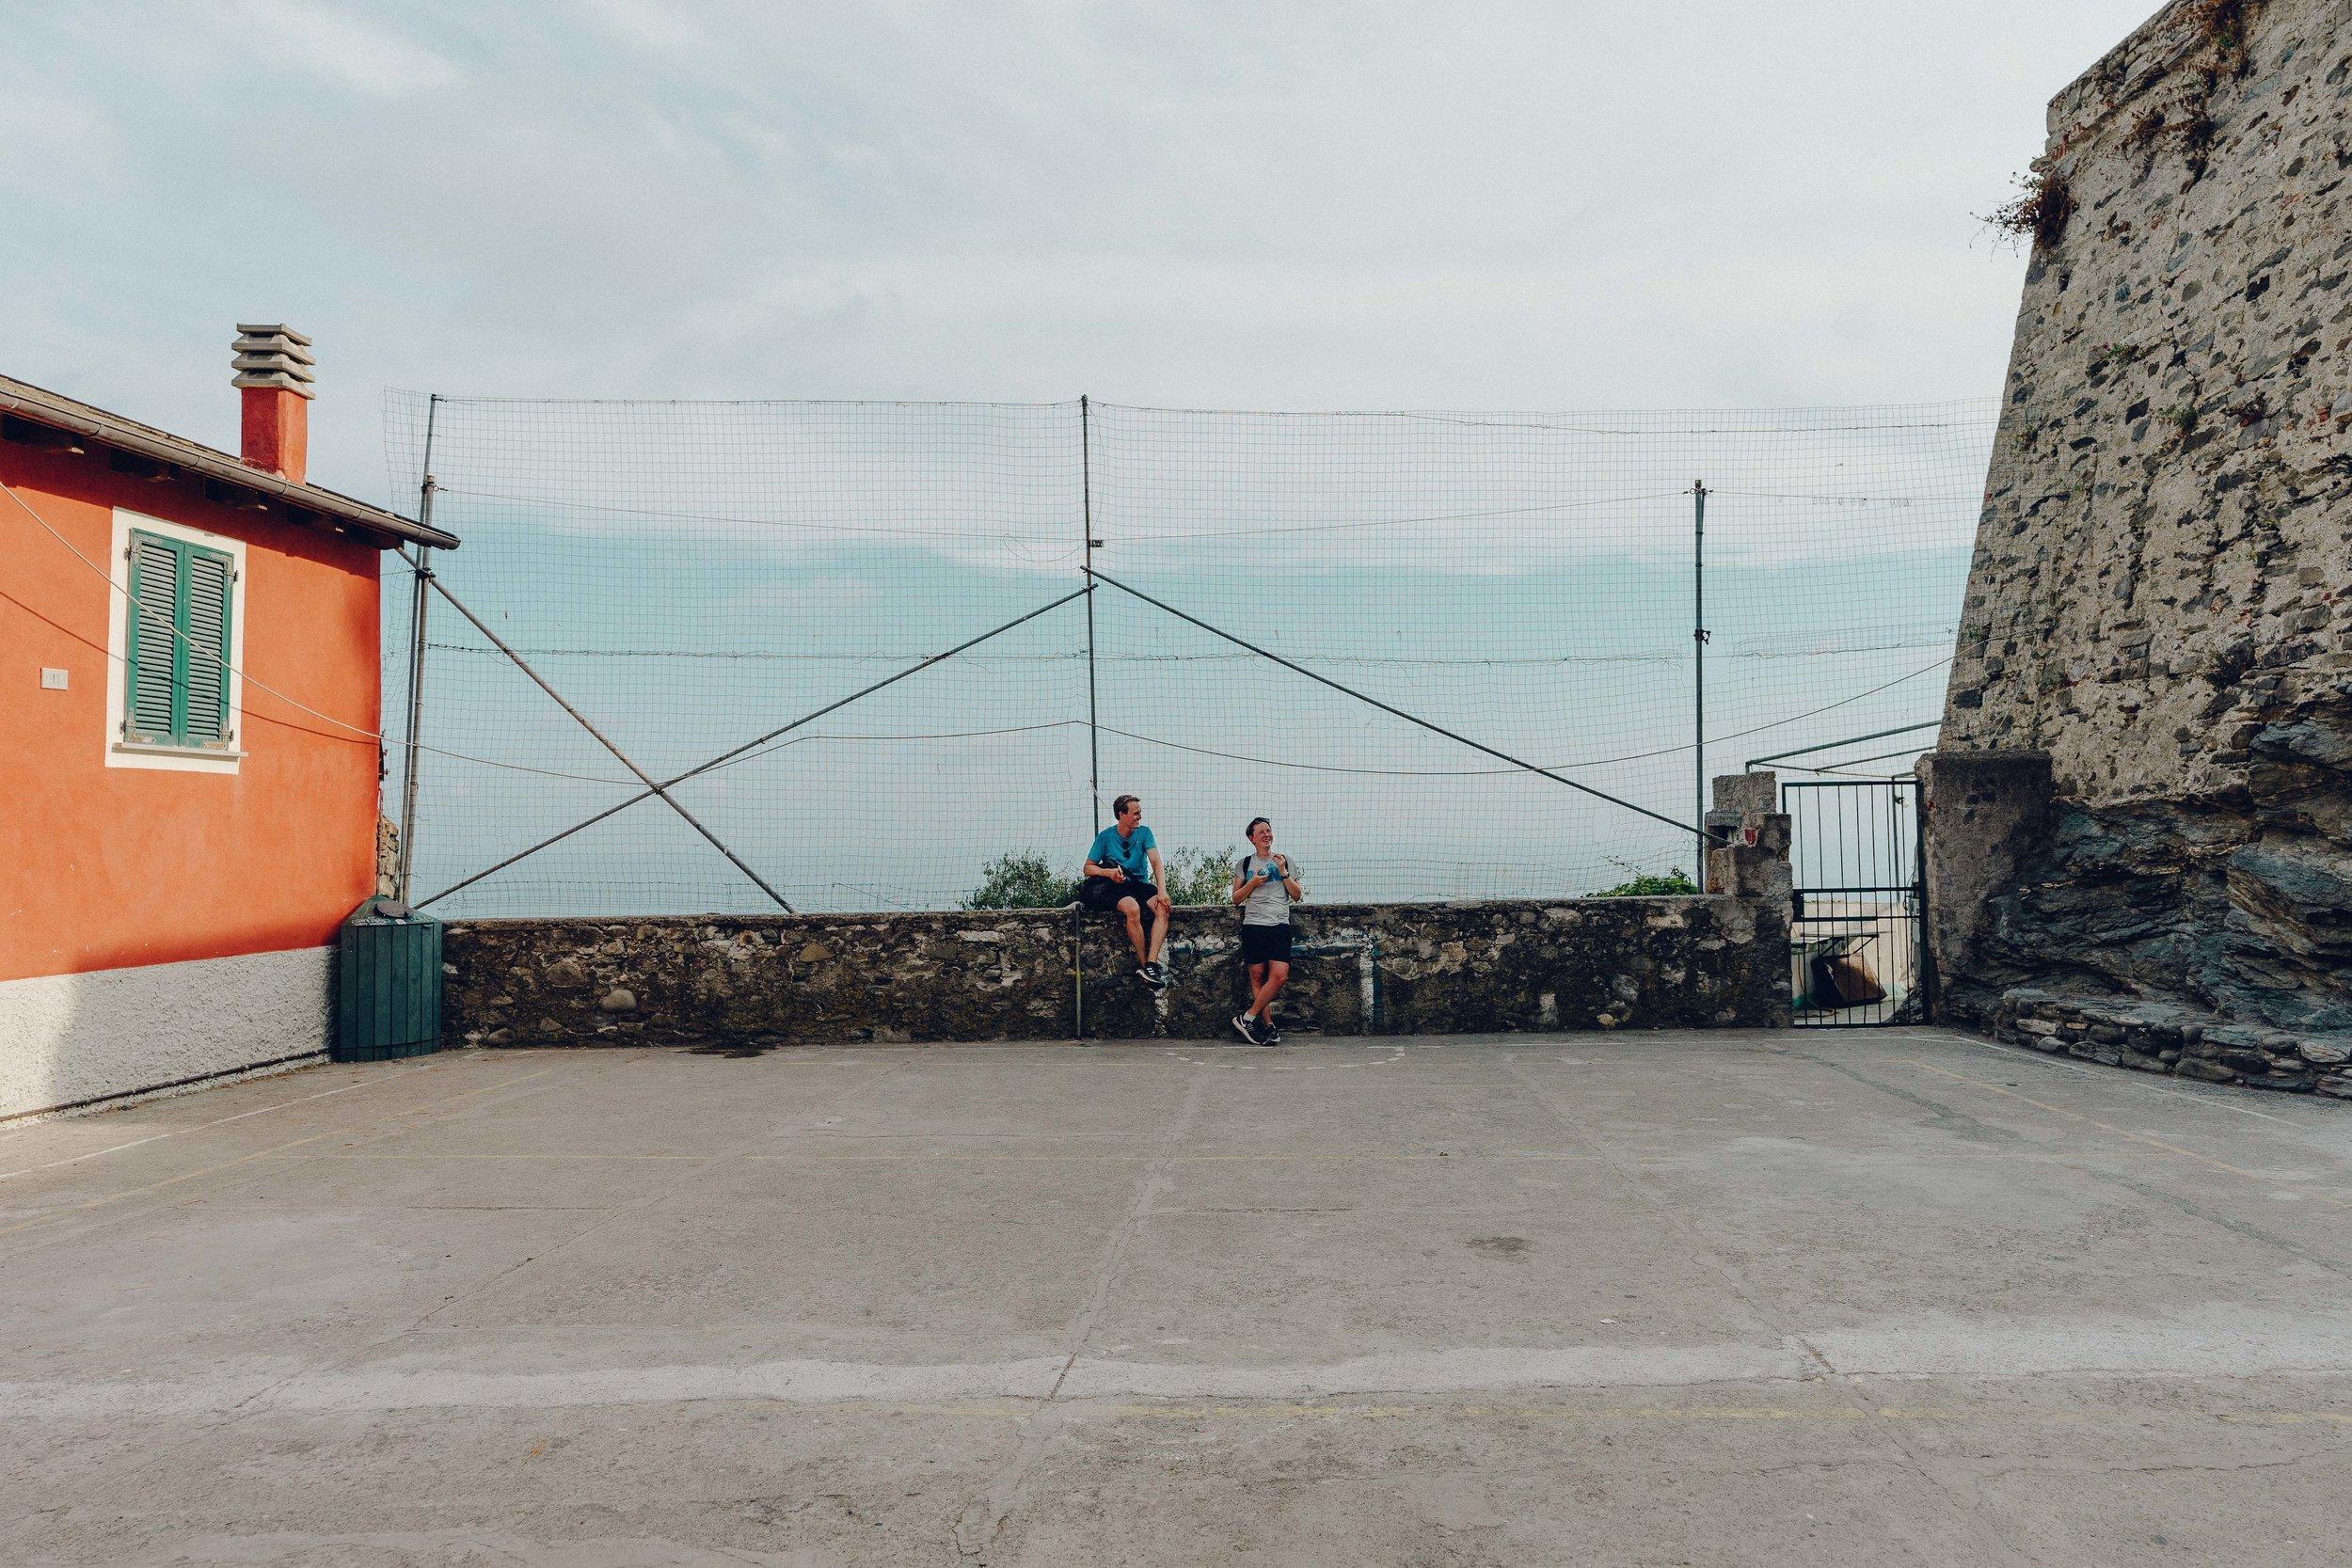 ASROSENVINGE_Roadtrip_Italy_Cinque_Terre-08146.jpg